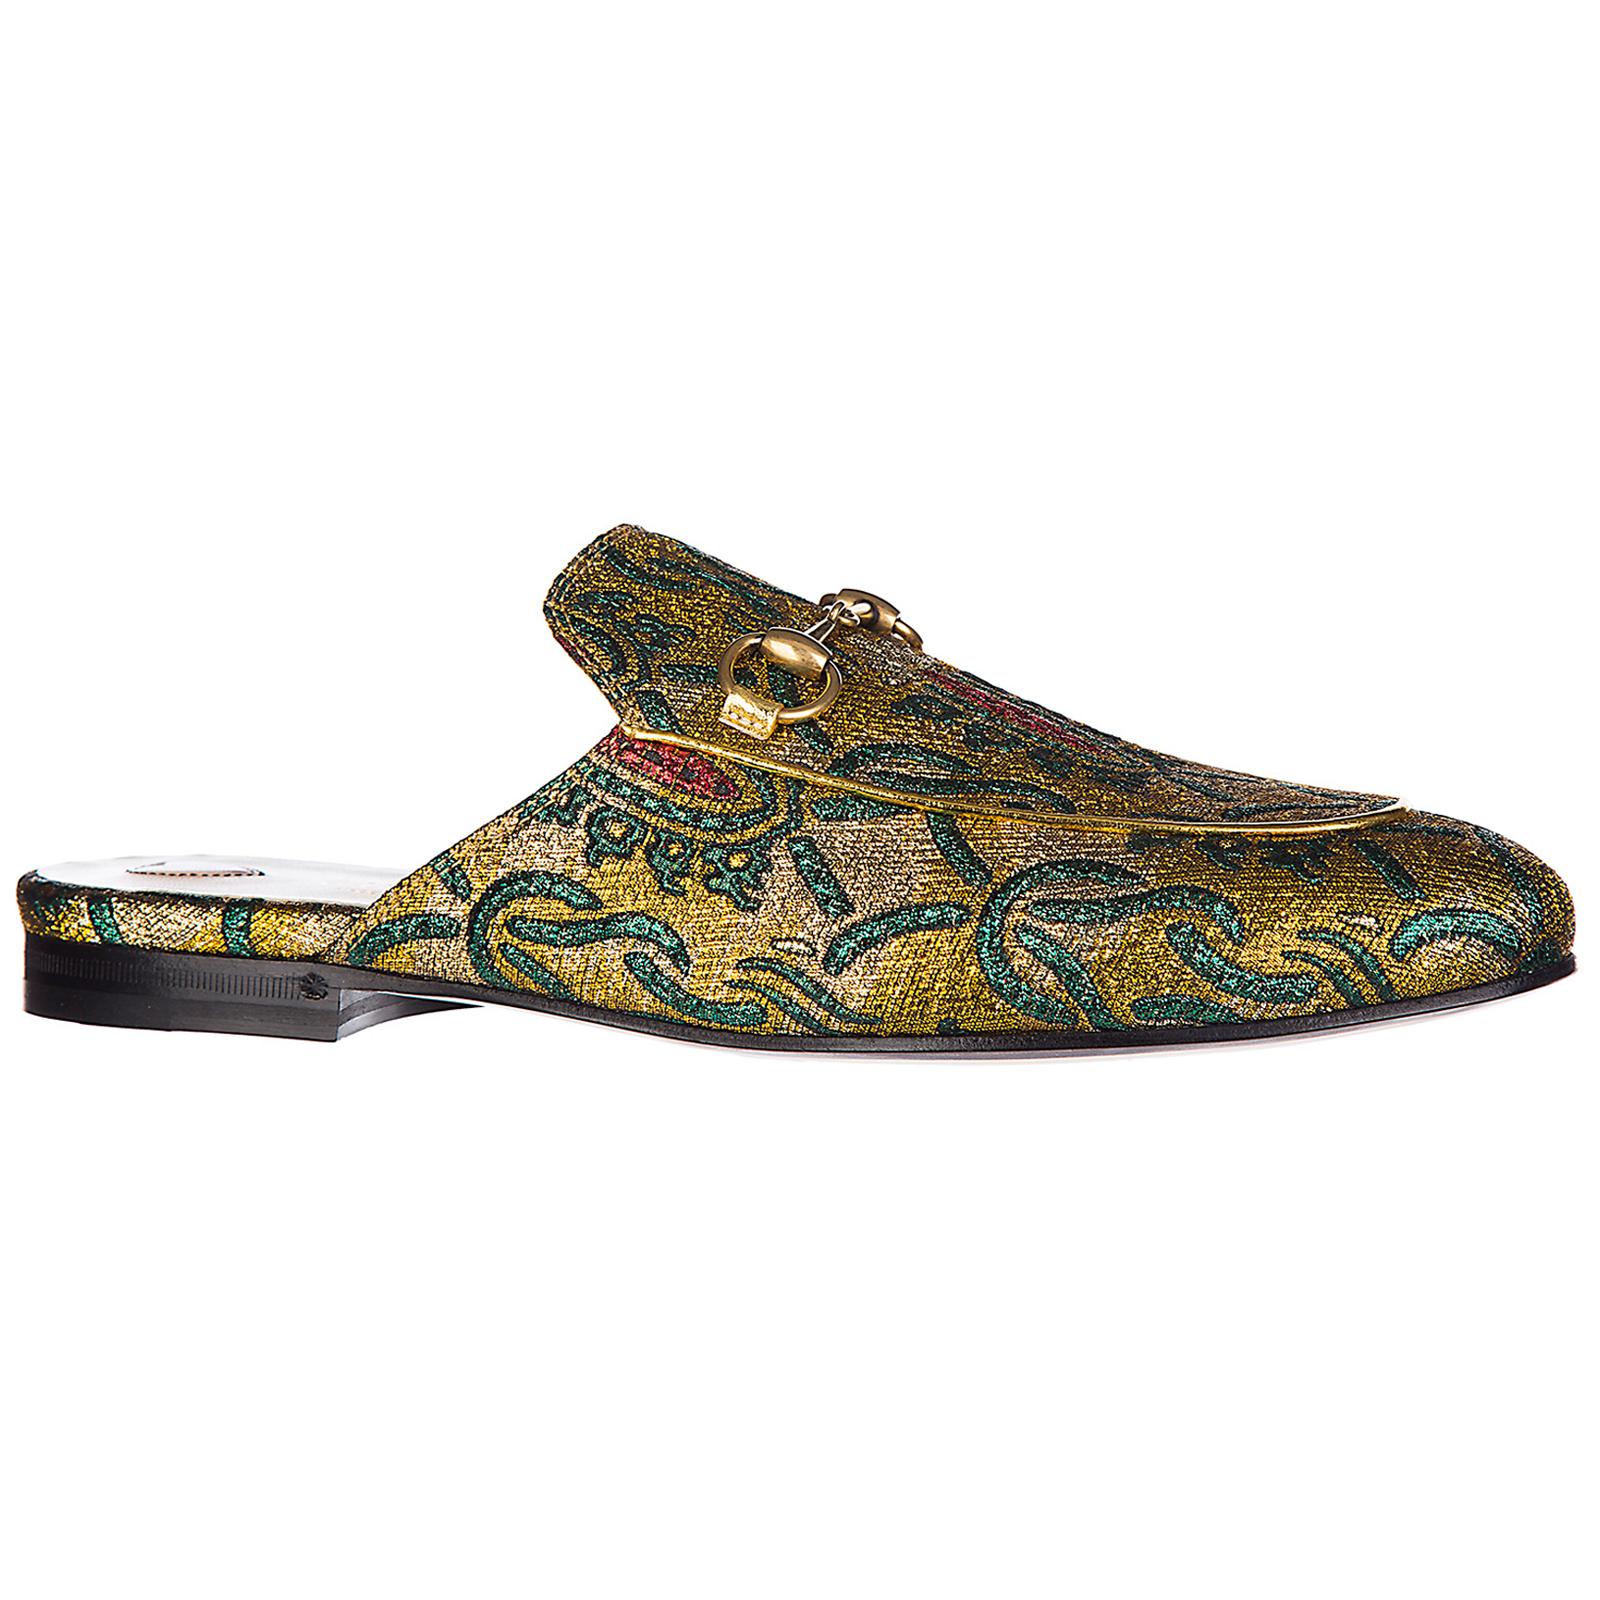 Damen badeschuhe sandalen pantolette  slippers princetown